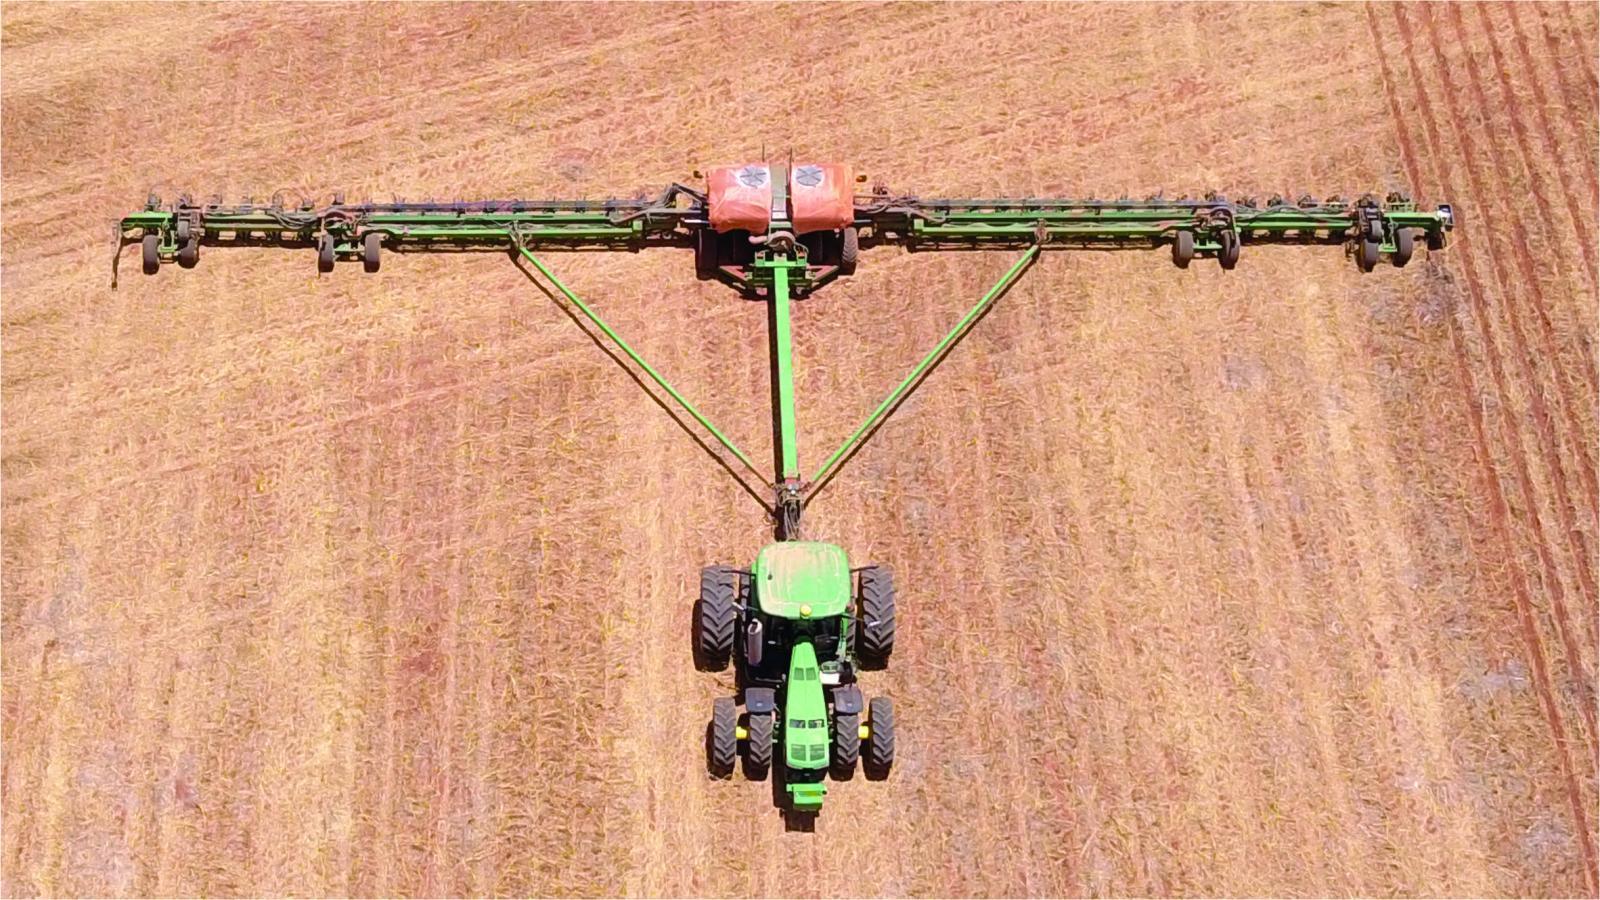 images/2018/04/carroll-farms-farmstead-45-gb1-1523484243mtuymzq4ndi0mw.jpg